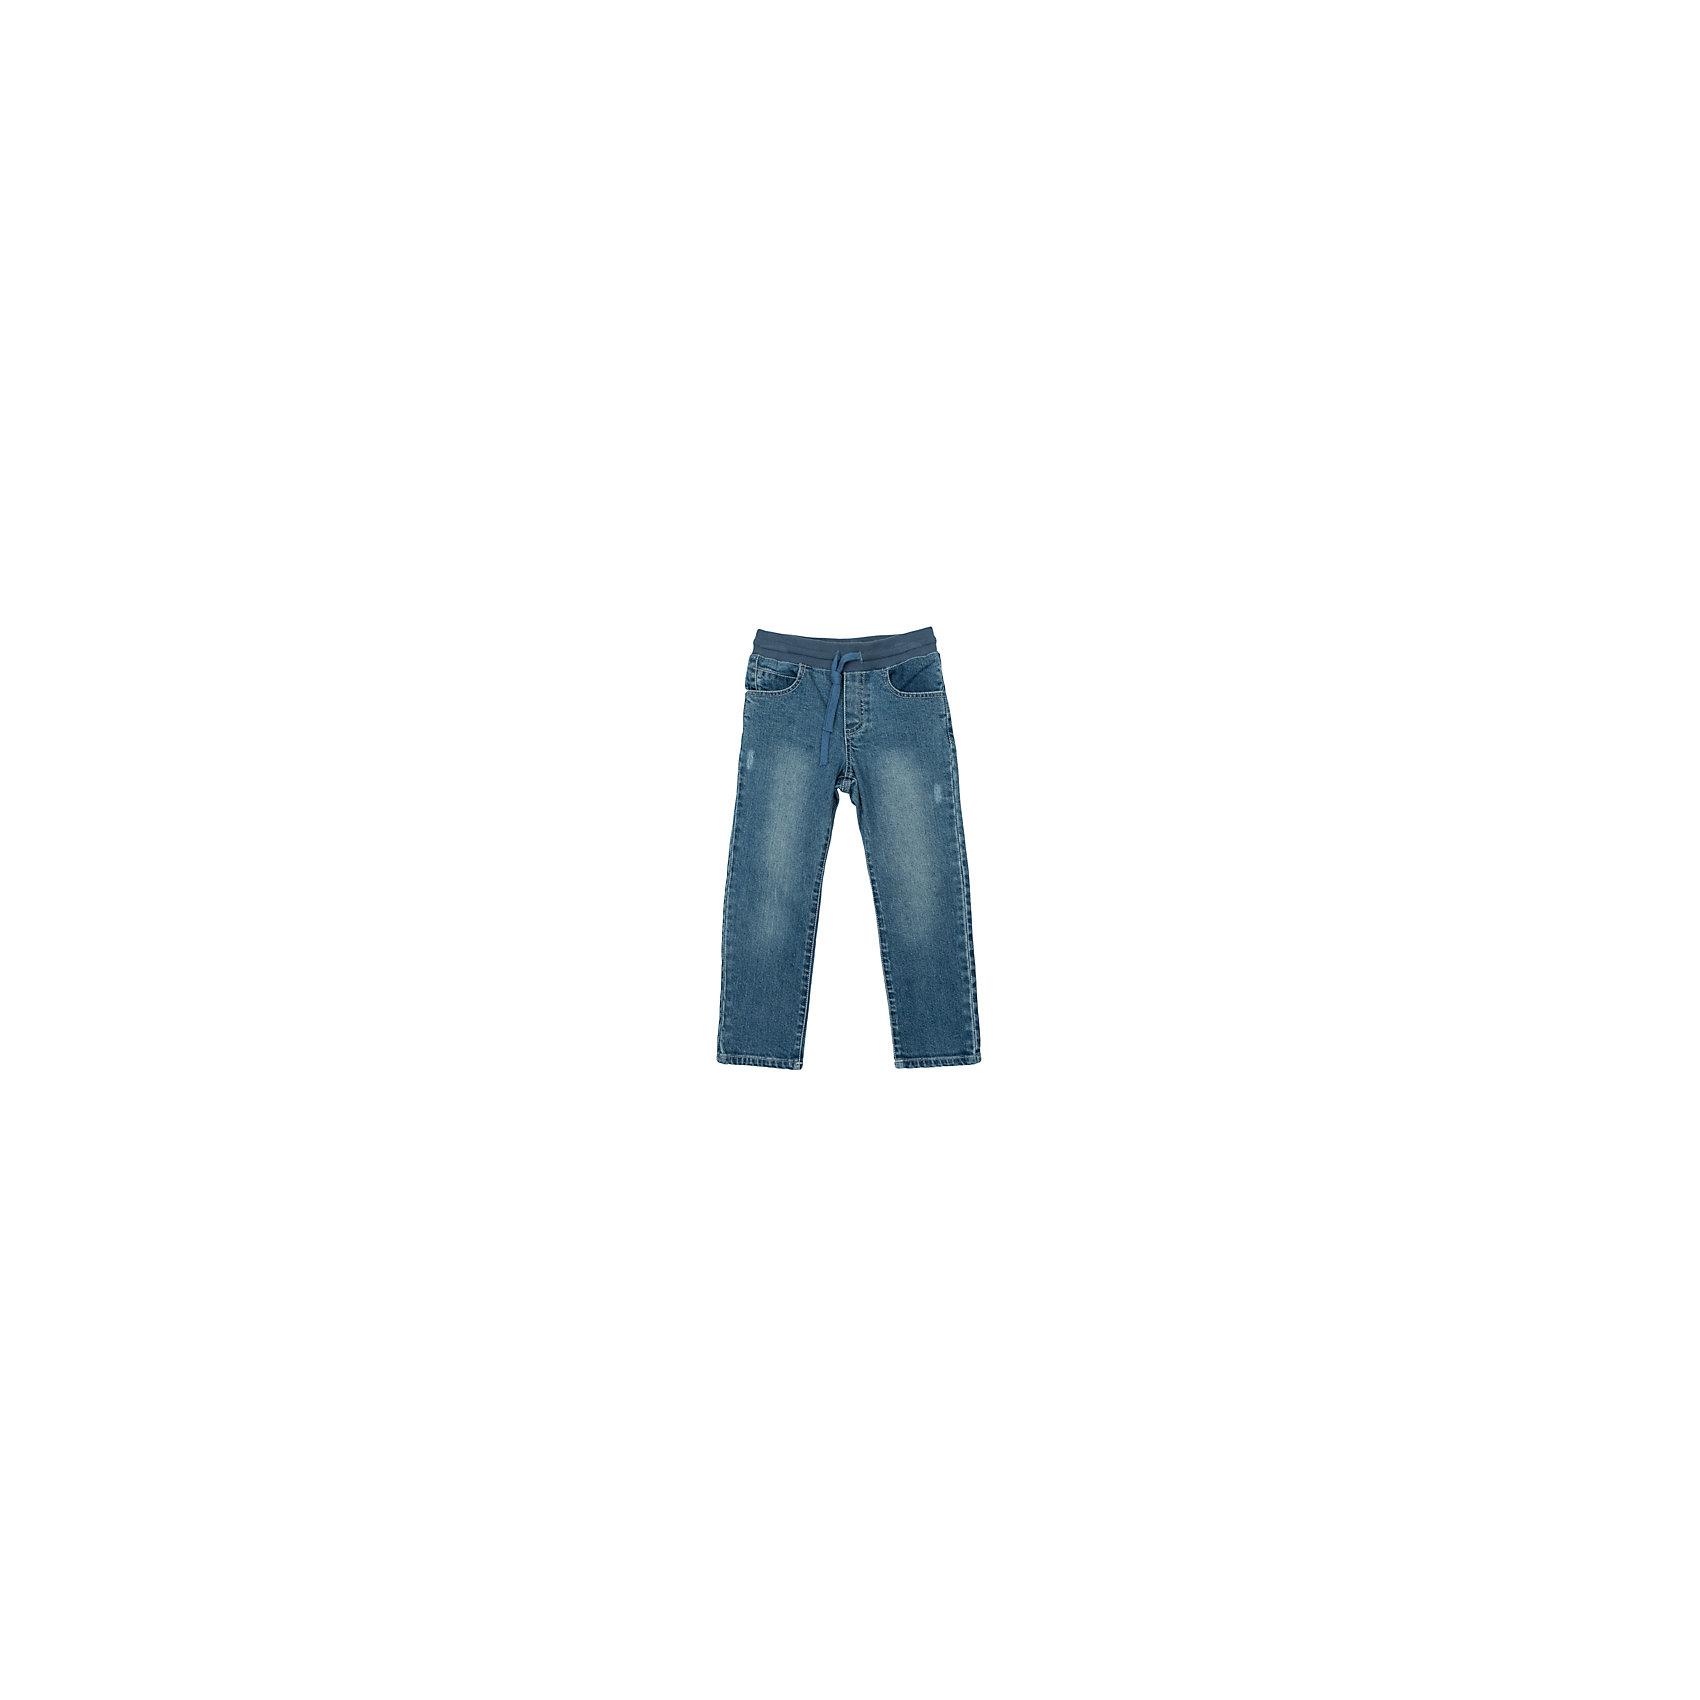 Джинсы для мальчика PlayTodayДжинсы<br>Джинсы для мальчика от известного бренда PlayToday.<br>Стильные джинсы прямого кроя. Пояс на резинке, дополнительно утягивается шнурком. Есть 4 функциональных кармана.<br>Состав:<br>98% хлопок, 2% эластан<br><br>Ширина мм: 215<br>Глубина мм: 88<br>Высота мм: 191<br>Вес г: 336<br>Цвет: синий<br>Возраст от месяцев: 24<br>Возраст до месяцев: 36<br>Пол: Мужской<br>Возраст: Детский<br>Размер: 98,122,104,128,110,116<br>SKU: 4898271